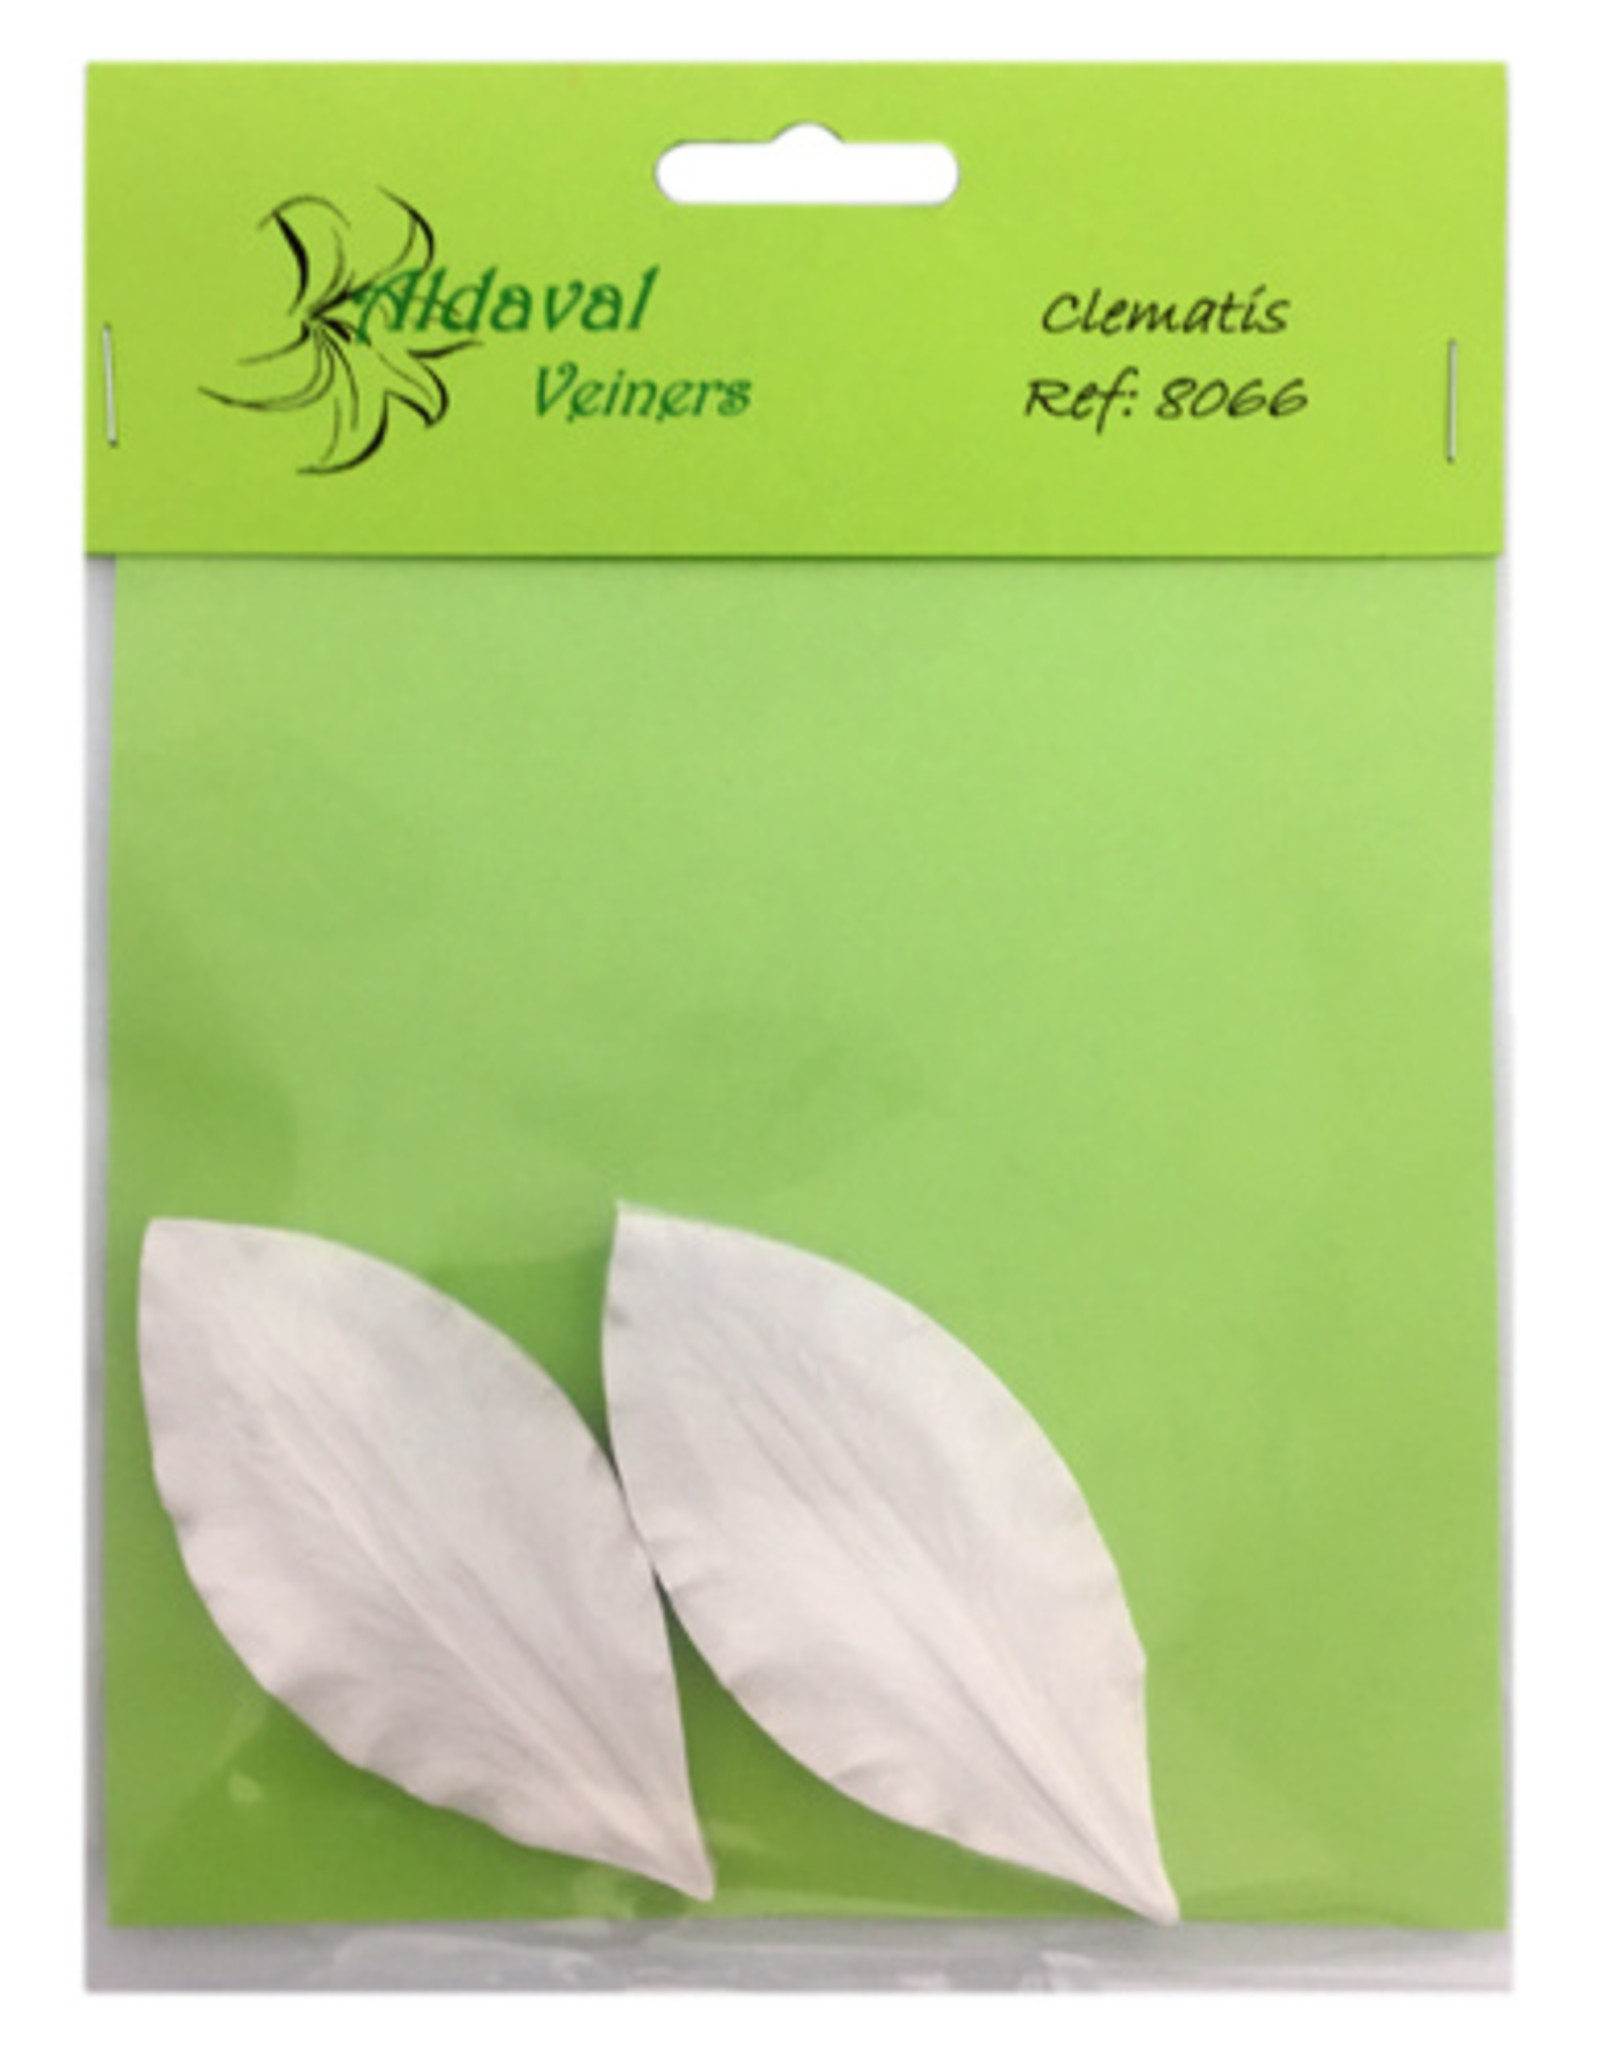 Aldaval Veiners Aldaval Clematis Petal Veiner 9.9 x 4.1cm